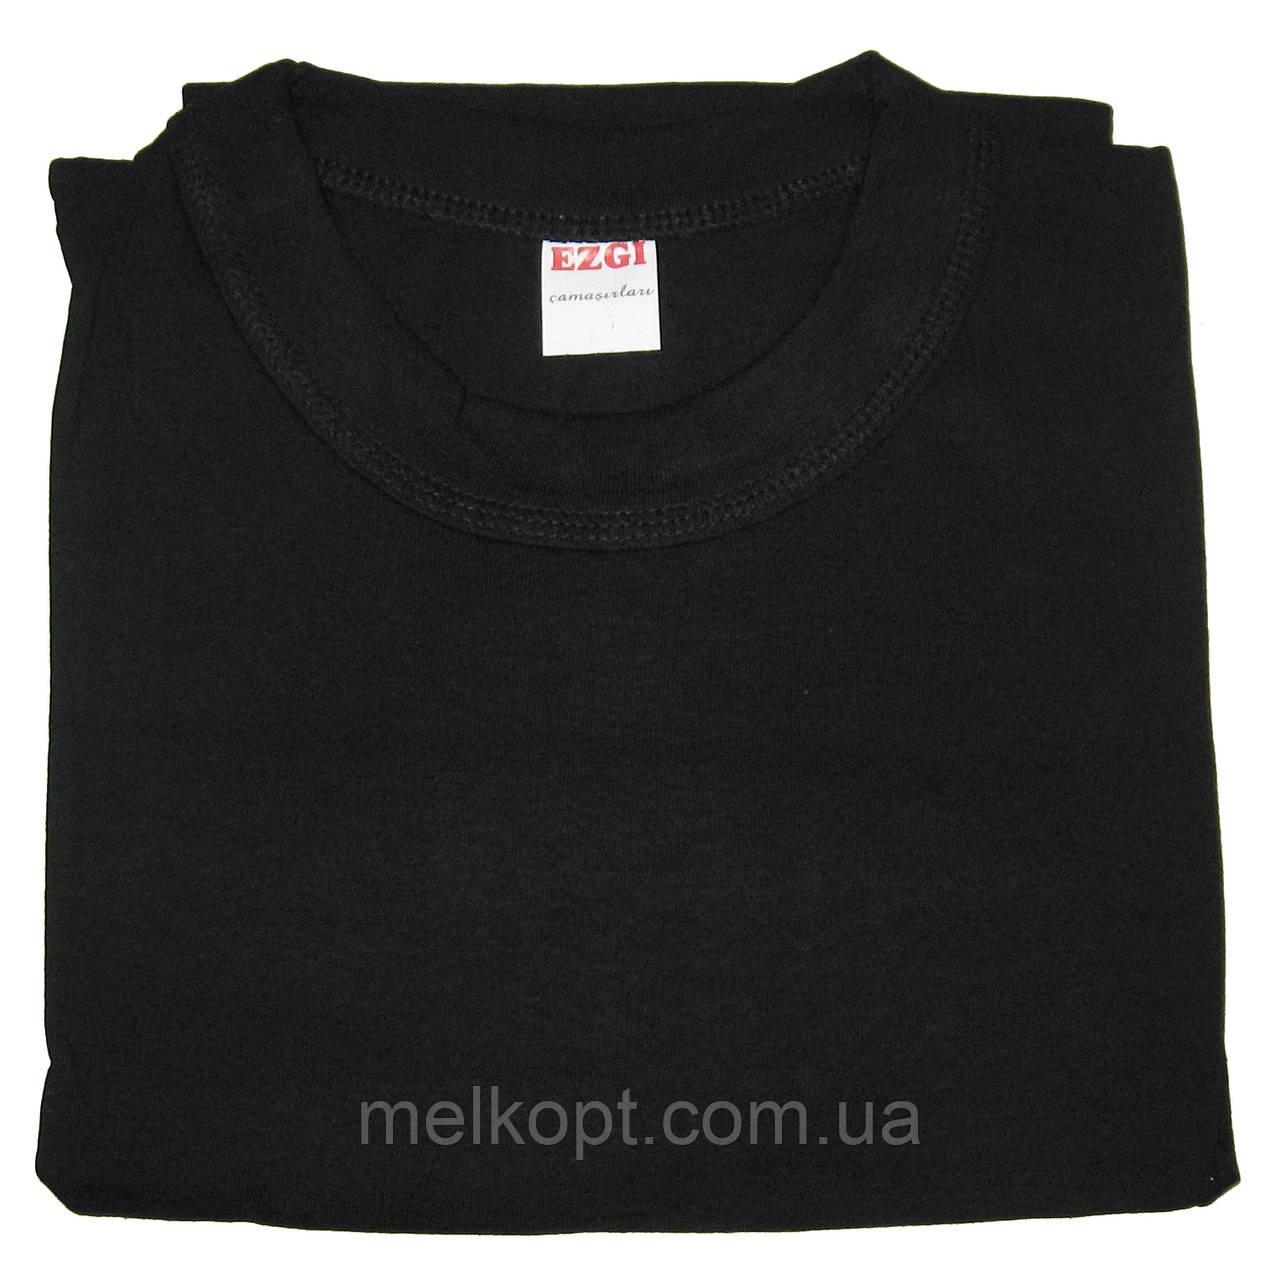 Чоловічі футболки Ezgi - 72,00 грн./шт. (70-й розмір, чорні)